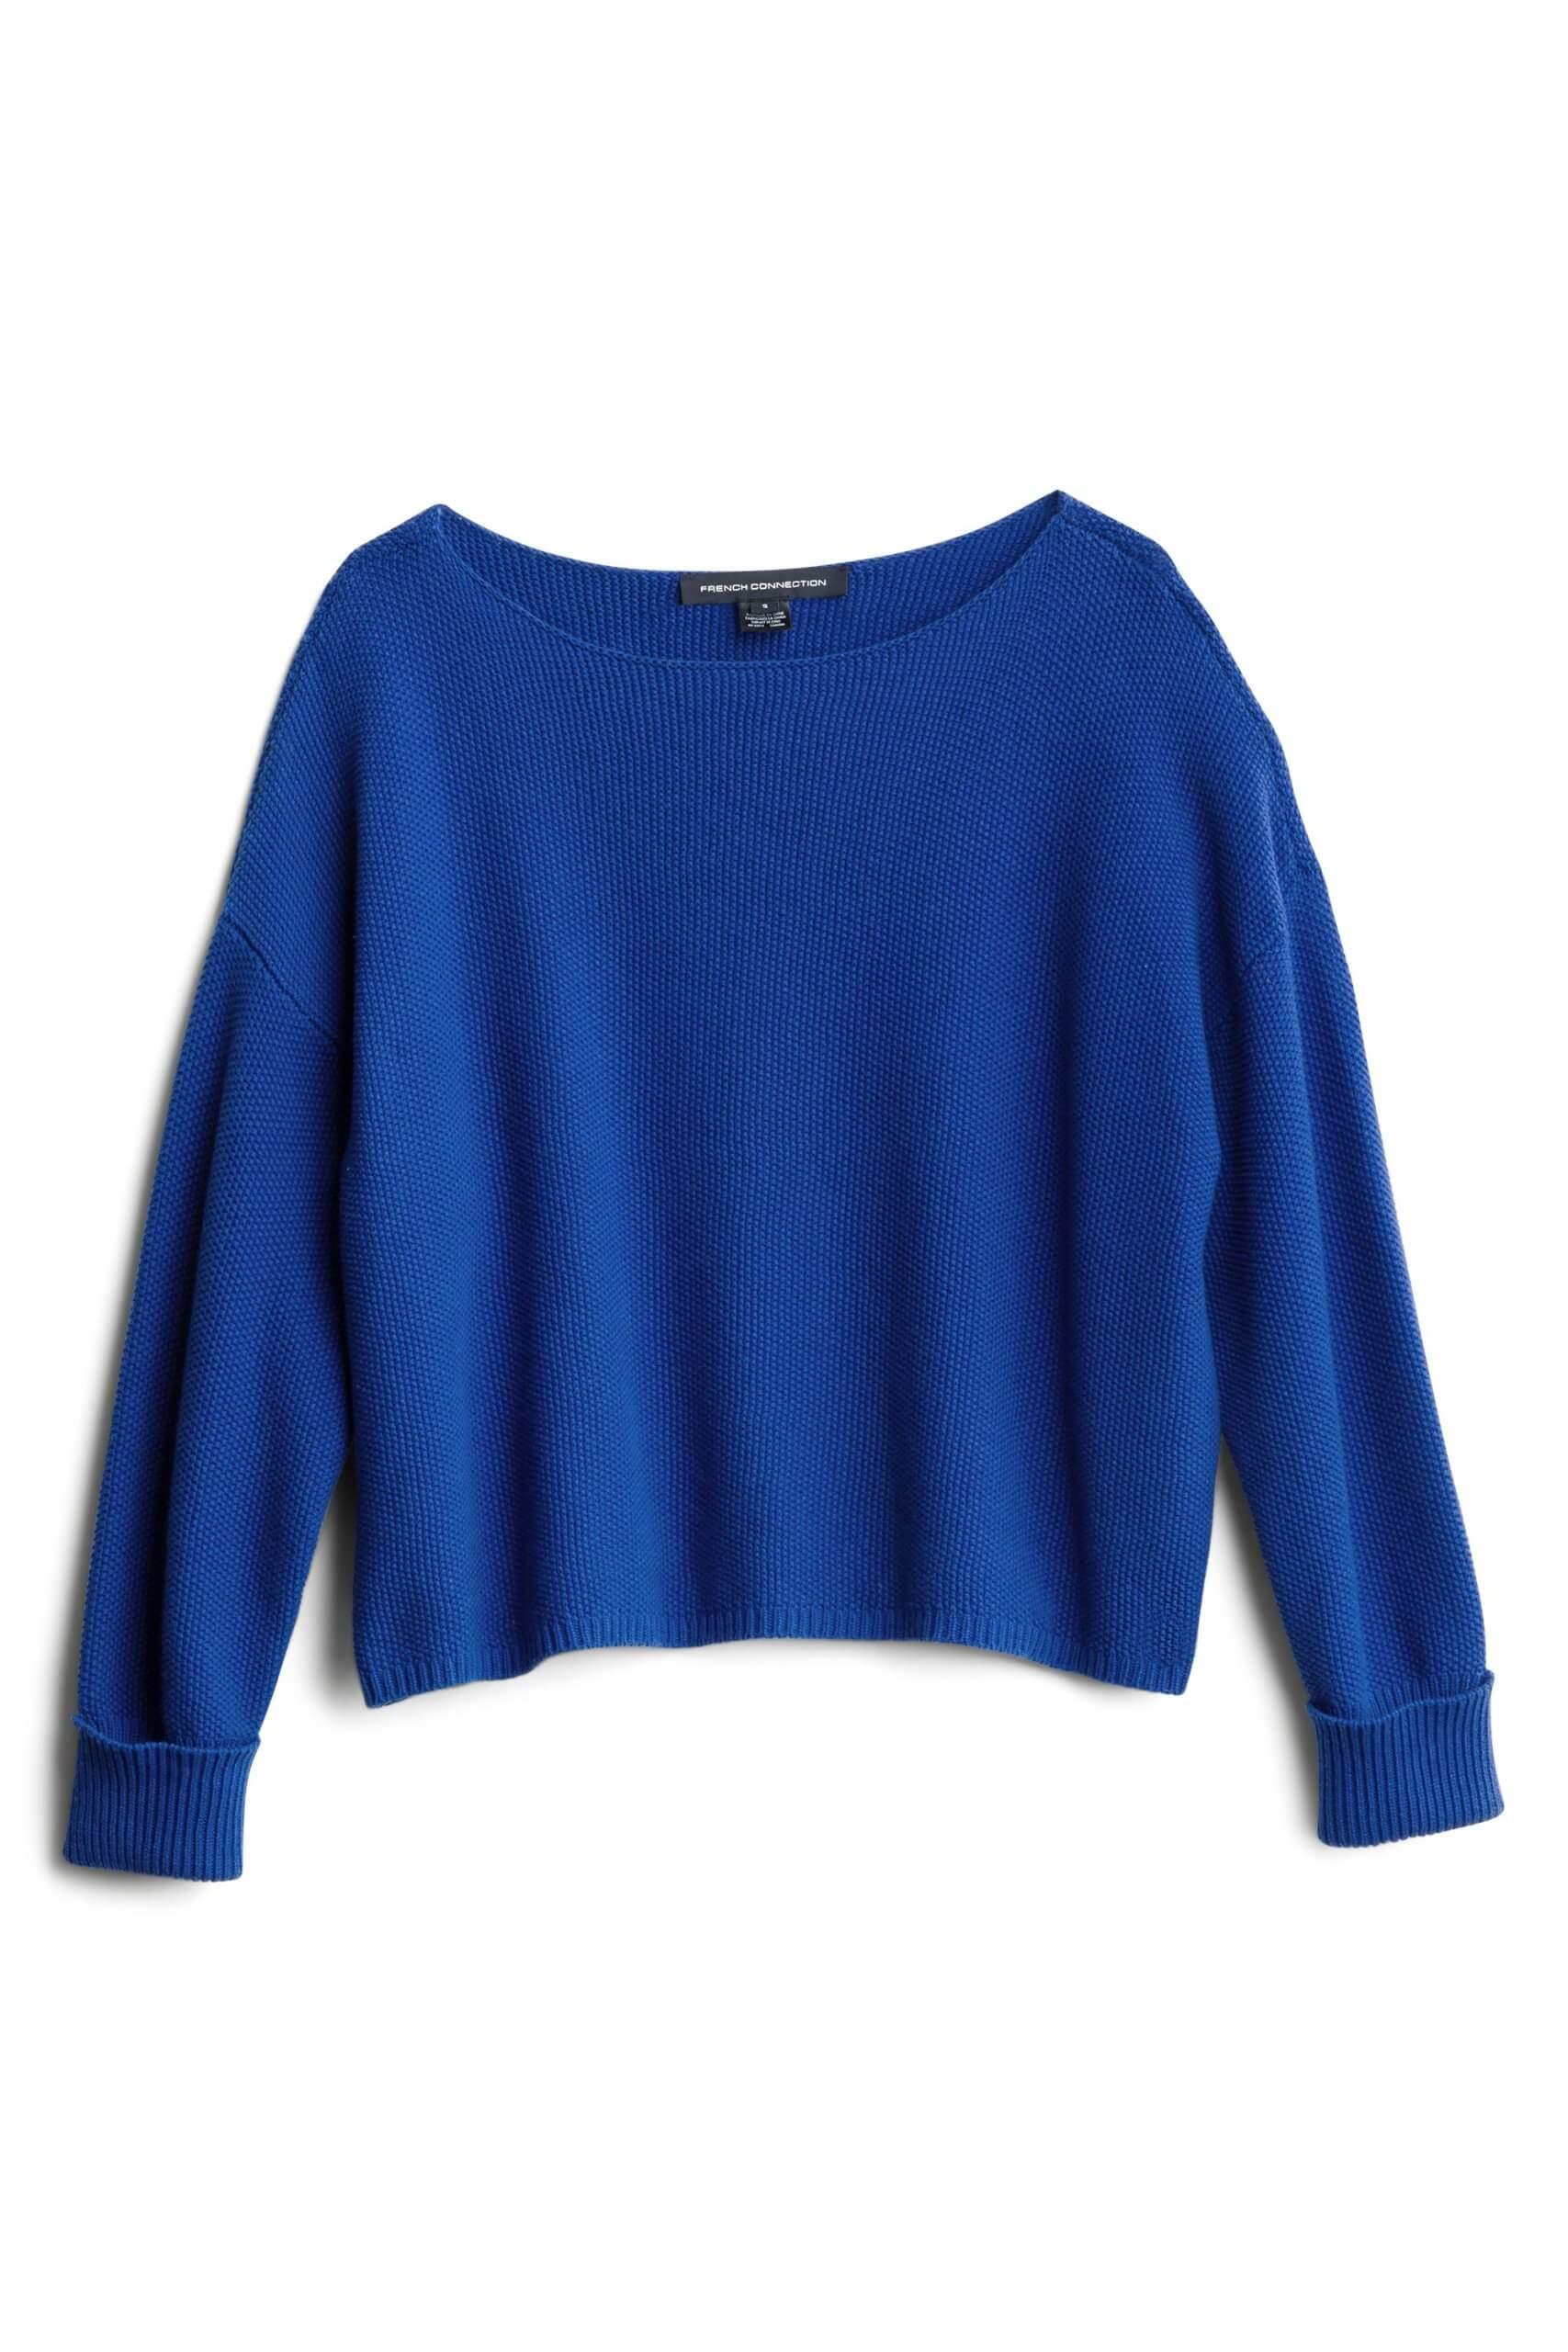 Stitch Fix Women's blue pullover sweater.